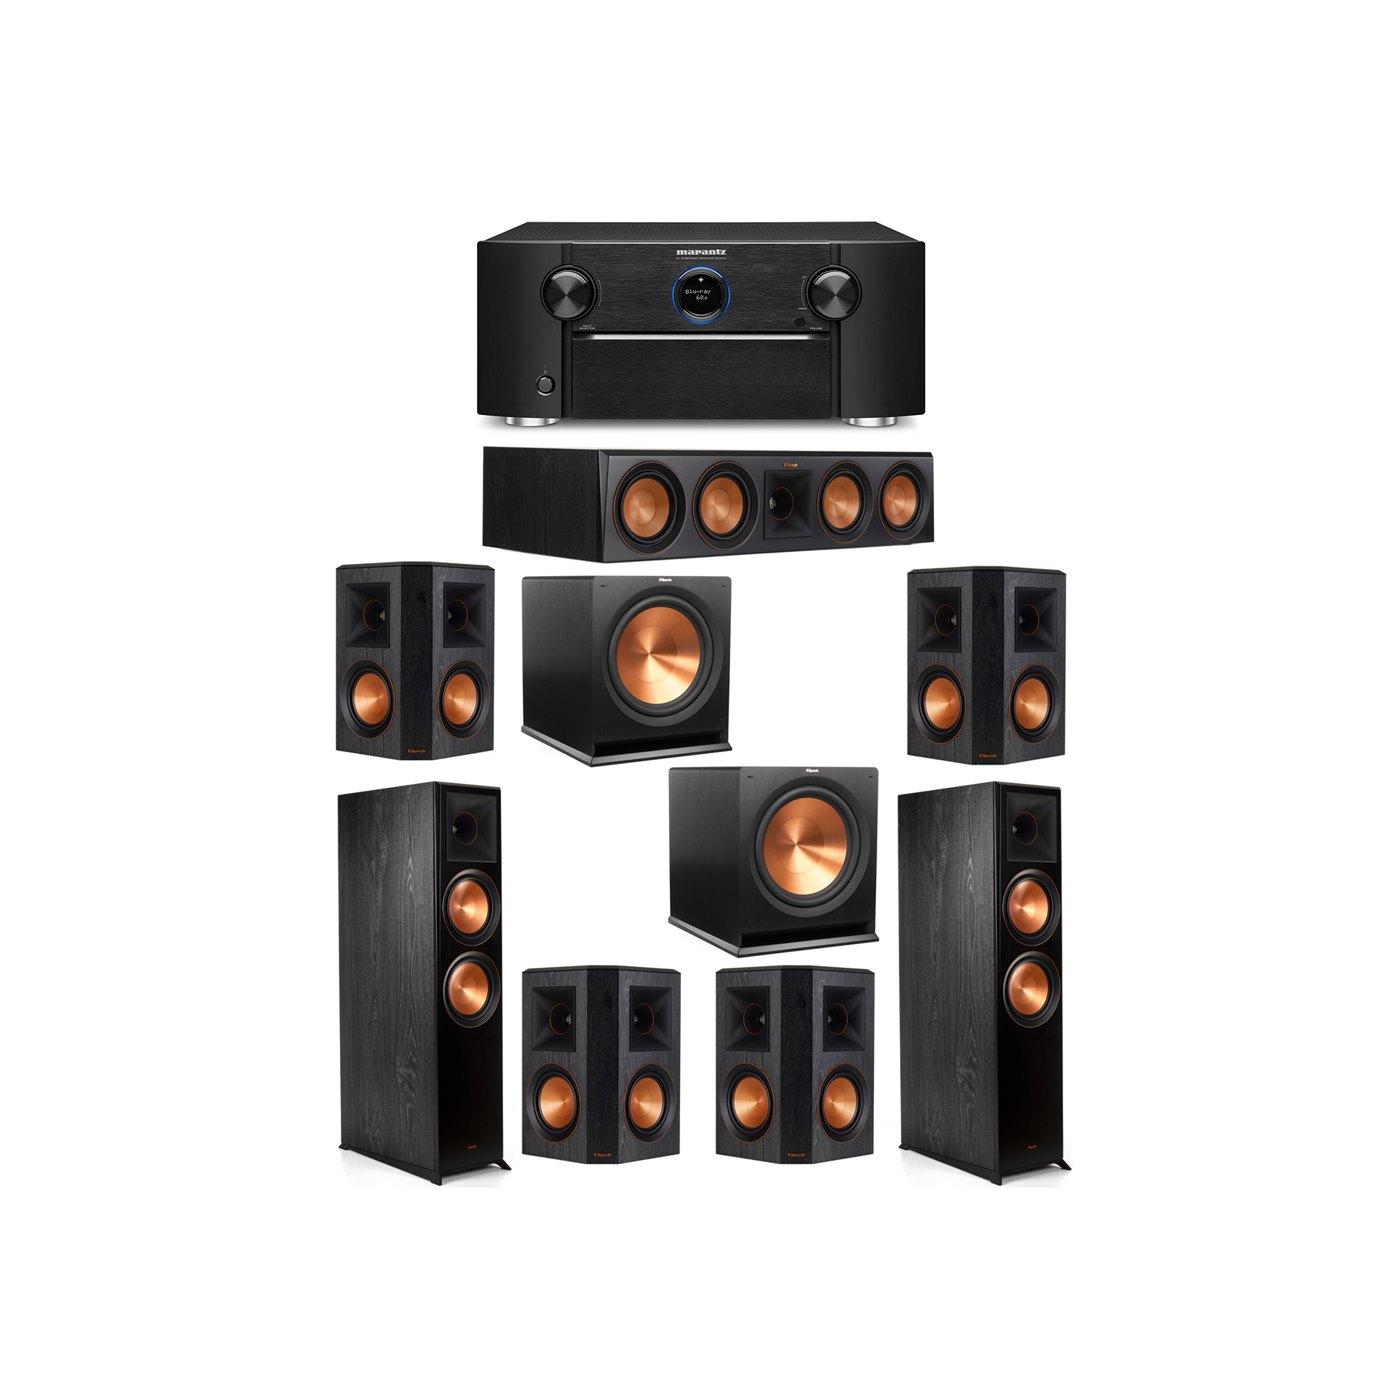 Klipsch 7.2 System with 2 RP-8000F Floorstanding Speakers, 1 Klipsch RP-504C Center Speaker, 4 Klipsch RP-502S Surround Speakers, 2 Klipsch R-115SW Subwoofers, 1 Marantz SR7012 A/V Receiver